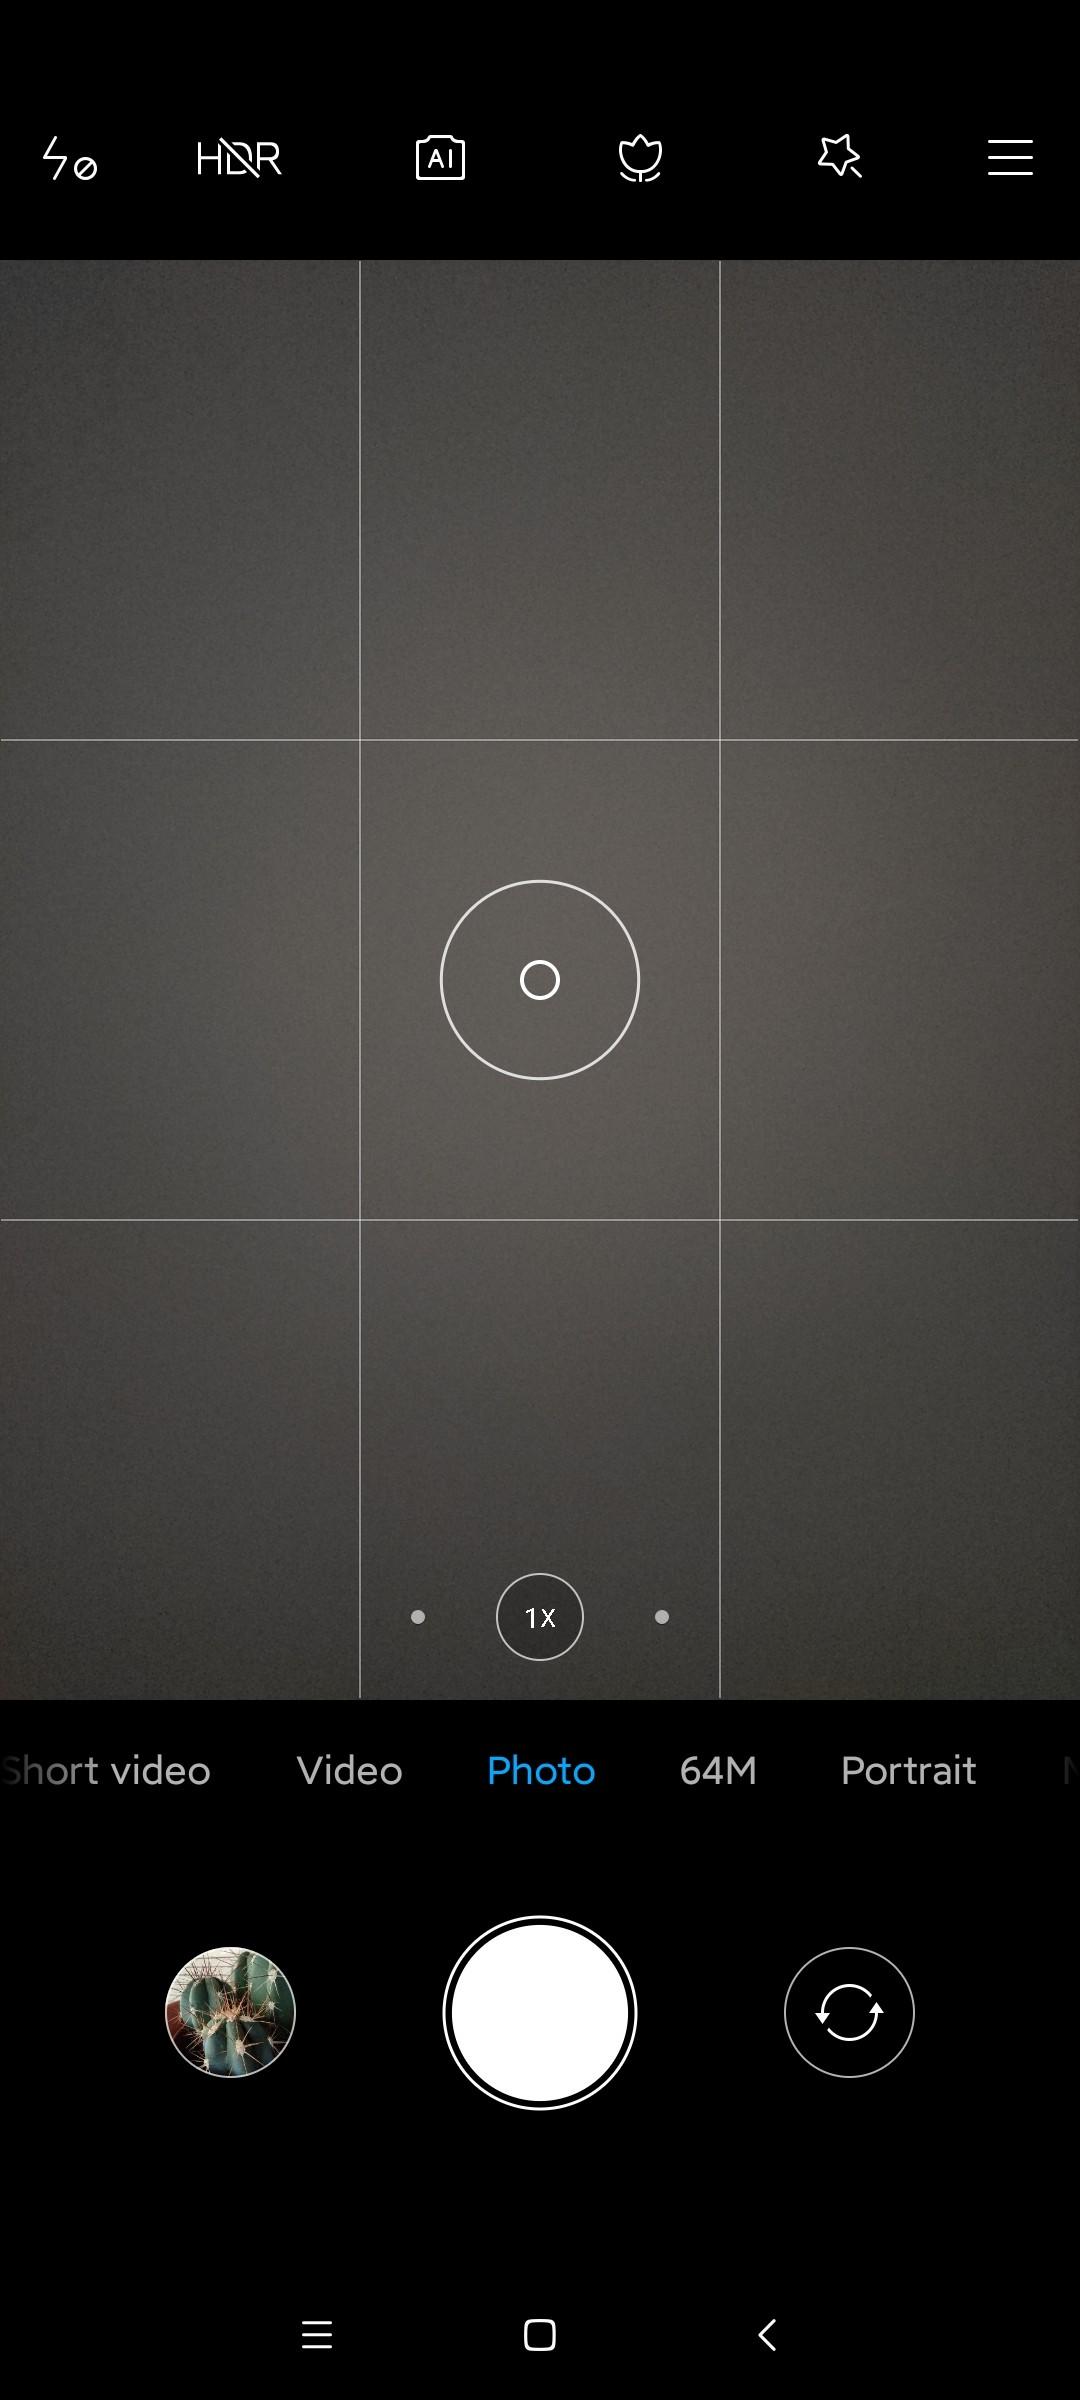 روکیدا - بررسی و نقد گوشی Redmi K30 شیائومی - Redmi k30, ردمی, شیائومی, نقد و بررسی, نقد و بررسی گوشی موبایل, گو.شی Redmi K30, گوشی های هوشمند, گوشی هوشمند